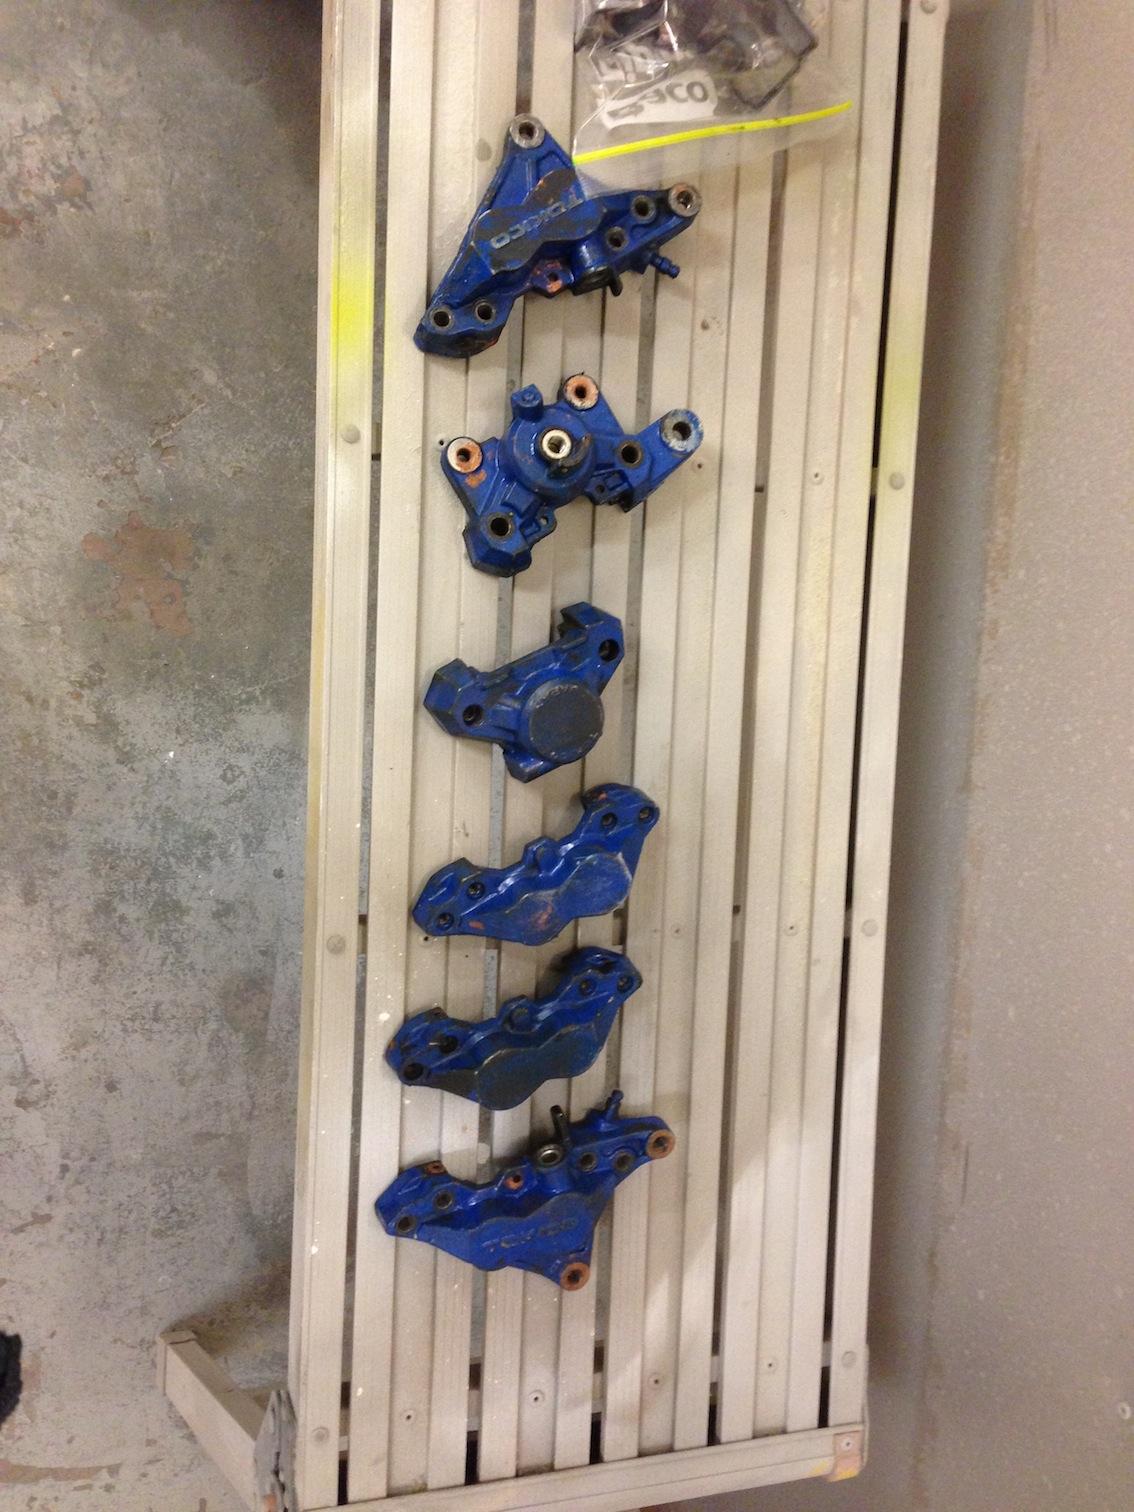 tokico brake calipers